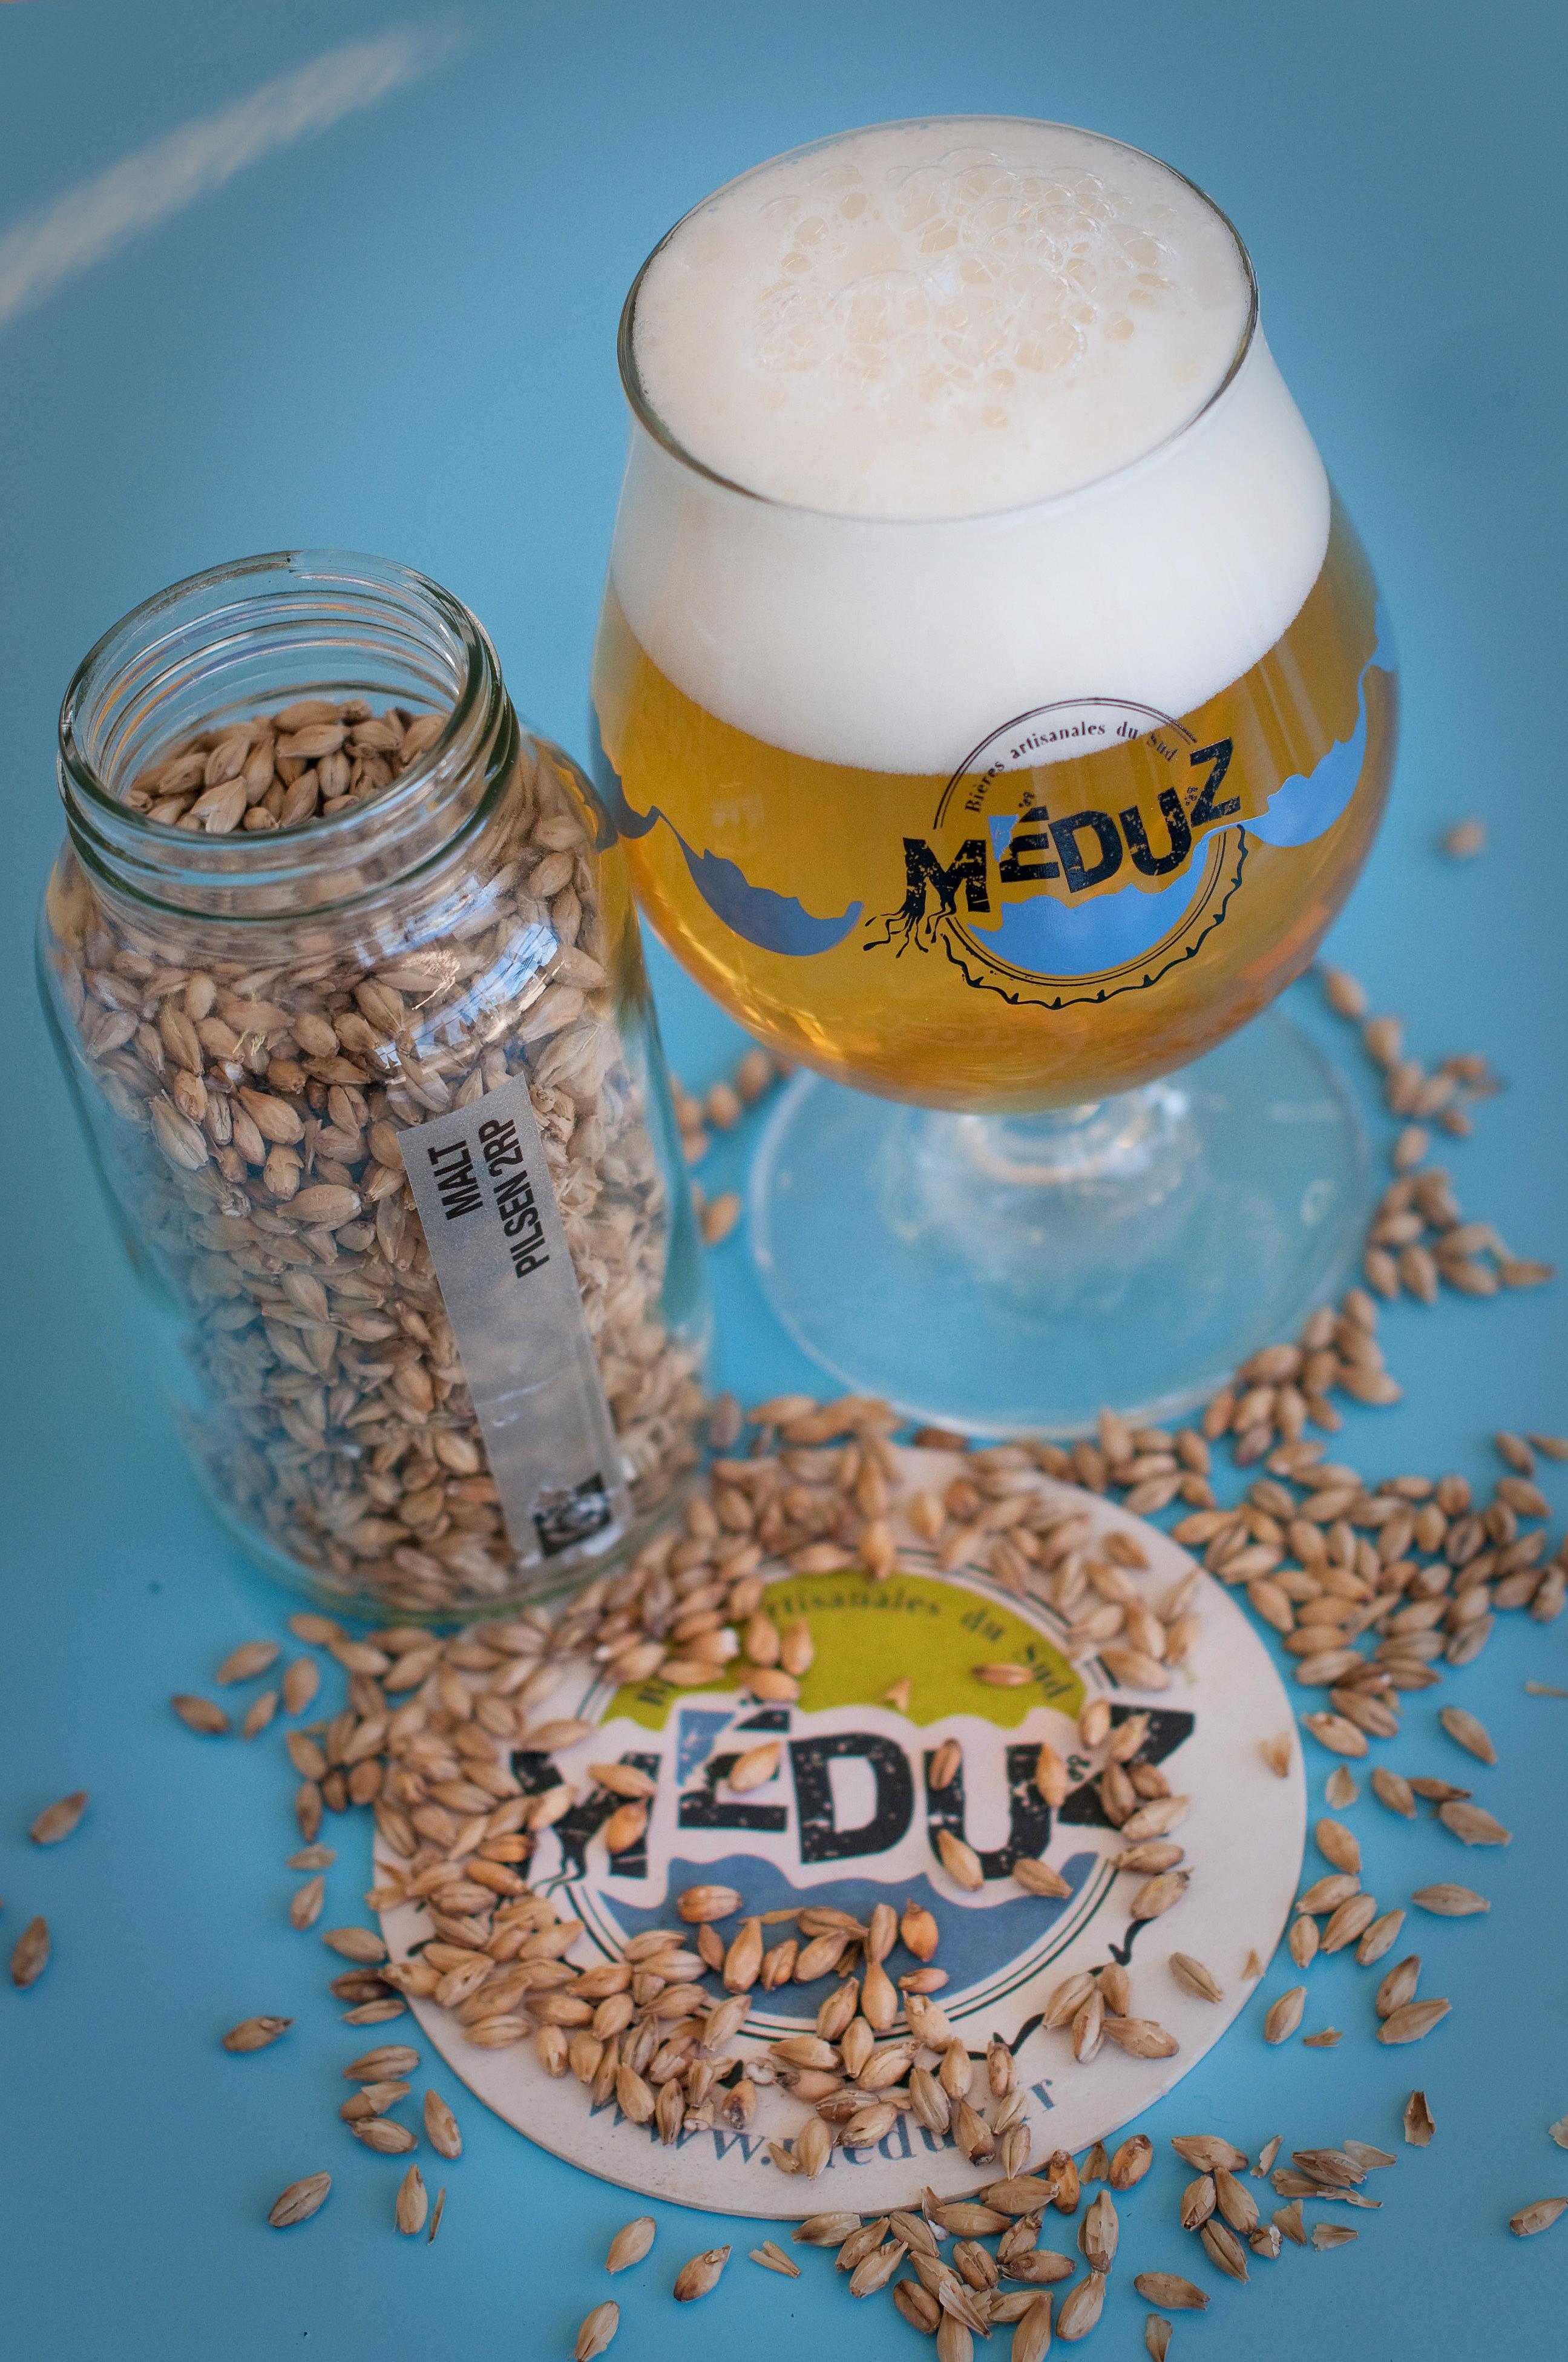 Meduz Malts et bière artisanale